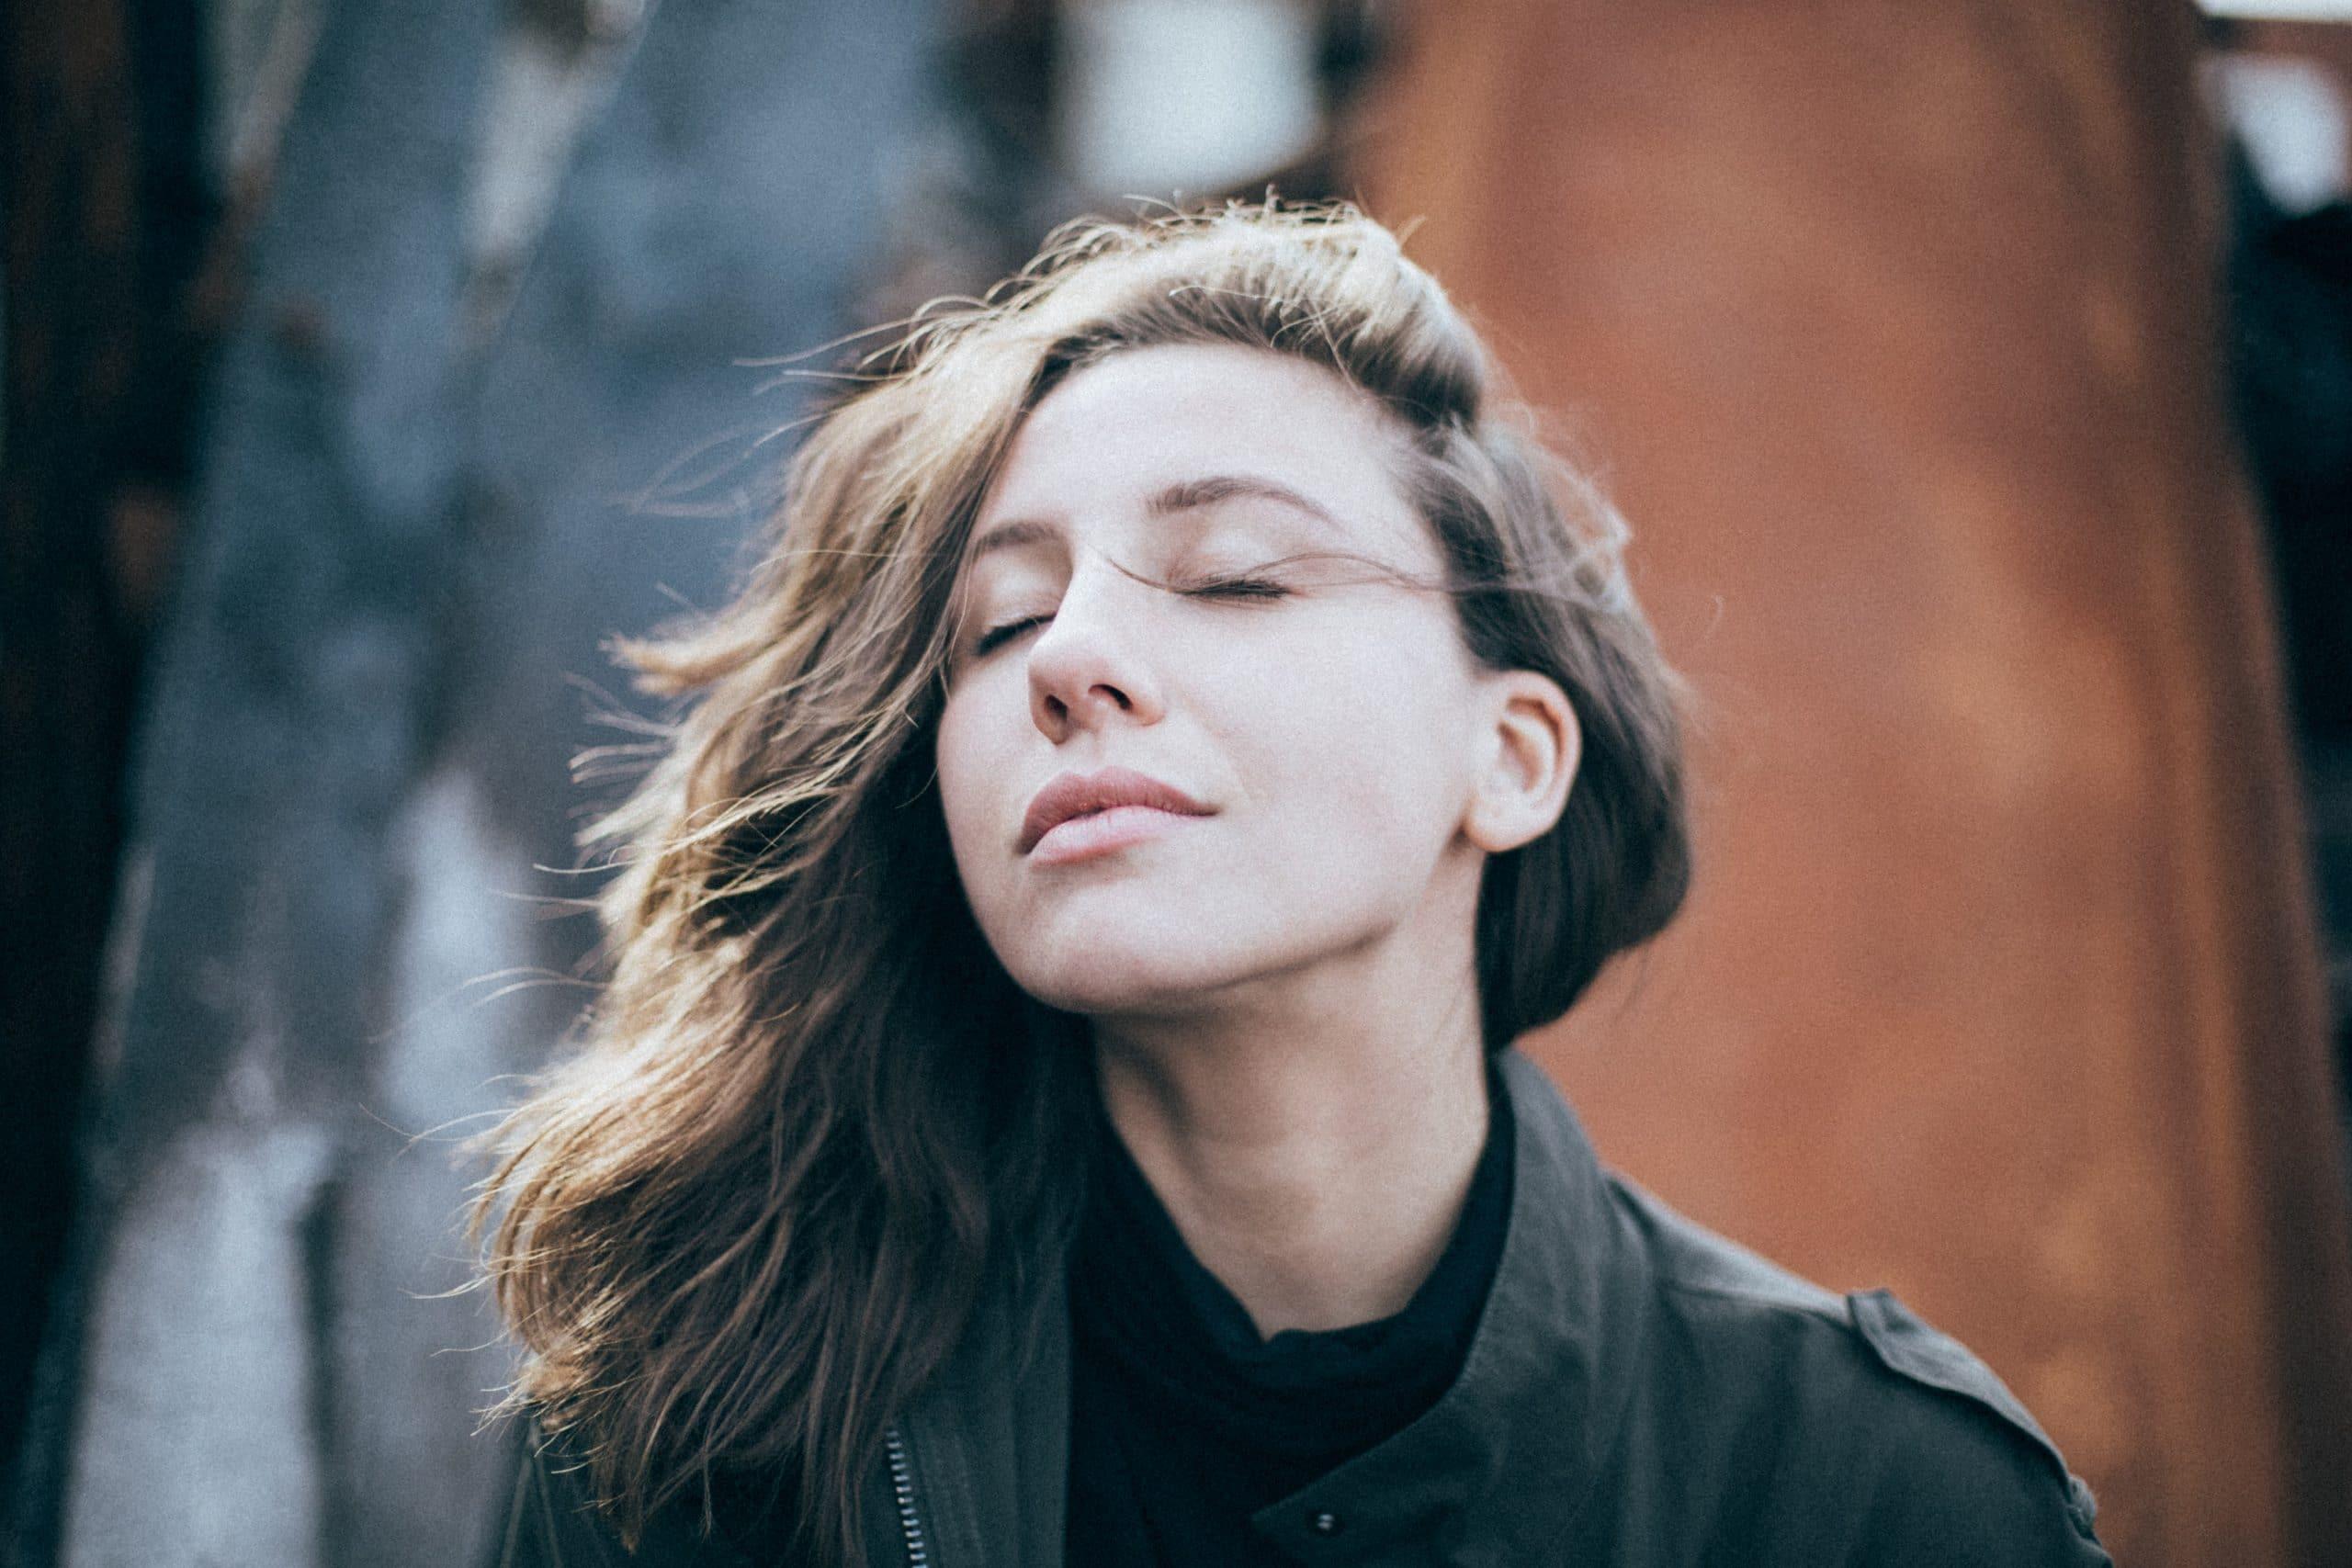 Mulher com cabelos ao vento de olhos fechados